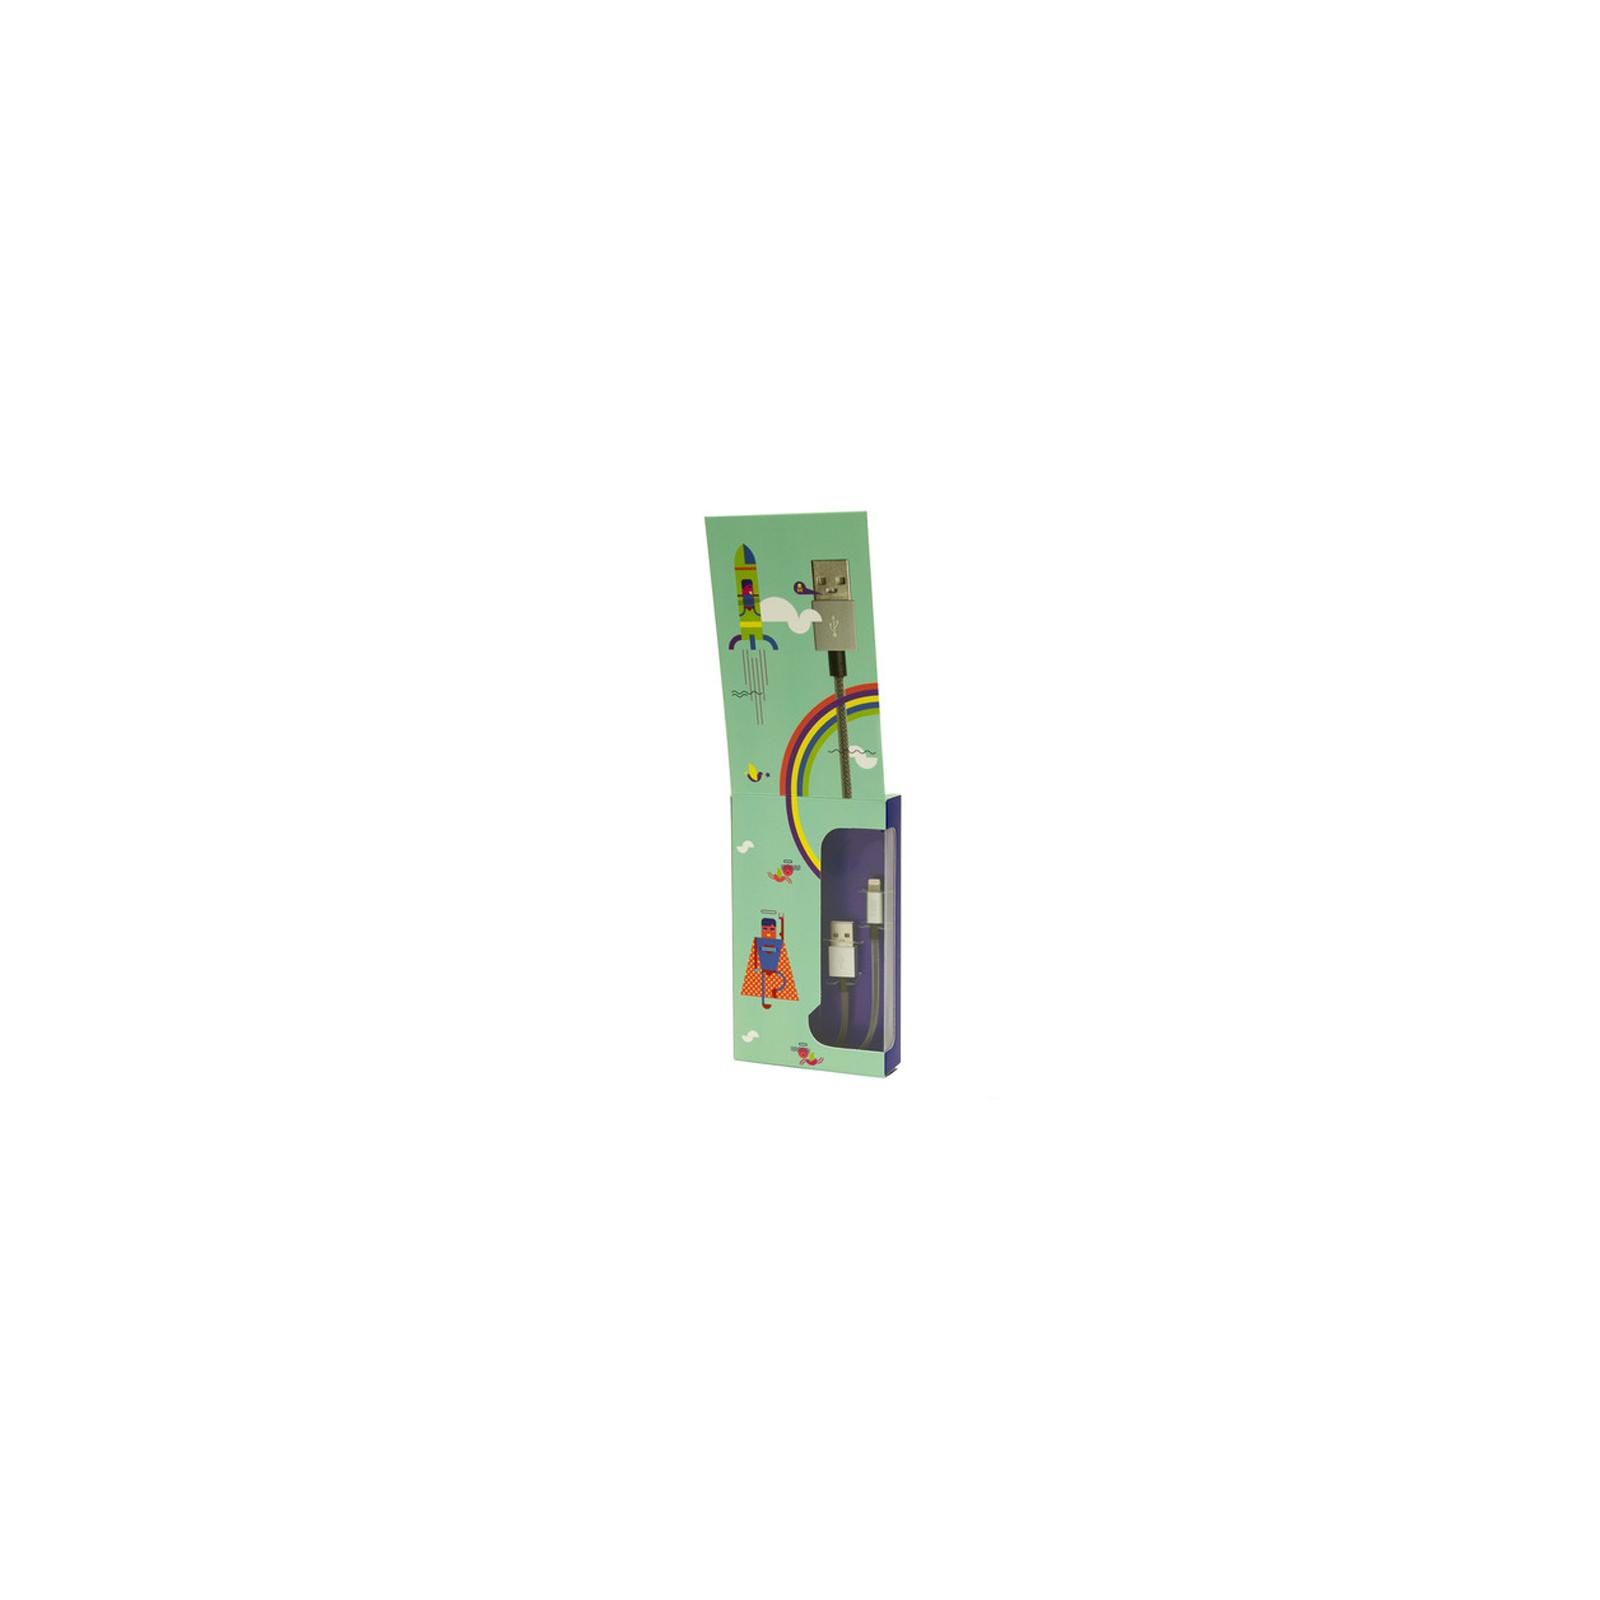 Дата кабель JUST Selection Lightning USB Cable Silver (LGTNG-SLCN-SLVR) изображение 3